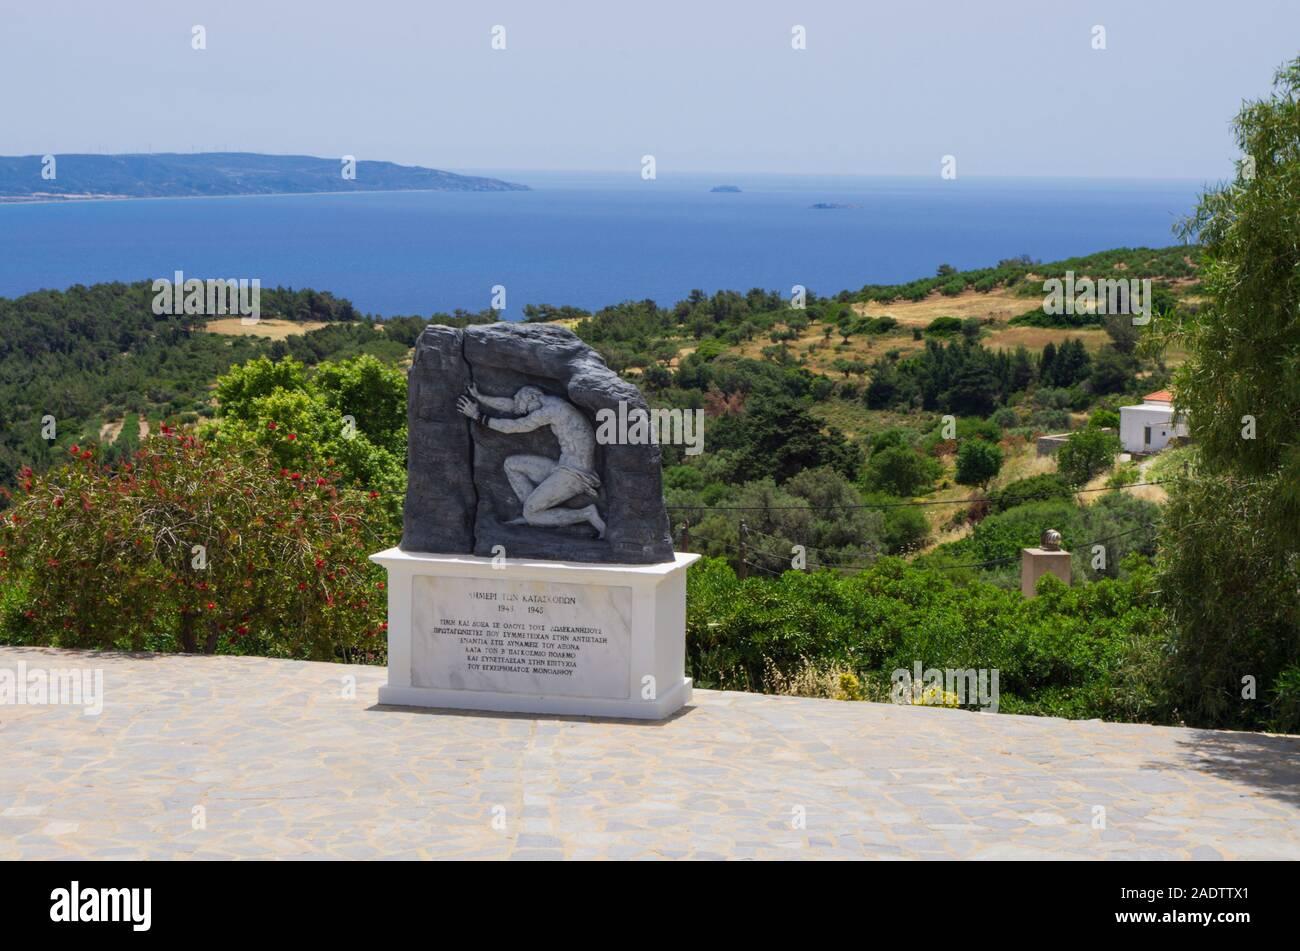 Village de Monolithos, Rhodes, Grèce - 28 mai 2019: War mémorial dédié à la résistance grecque de l'île de Rhodes et le Dodécanèse archipela Banque D'Images